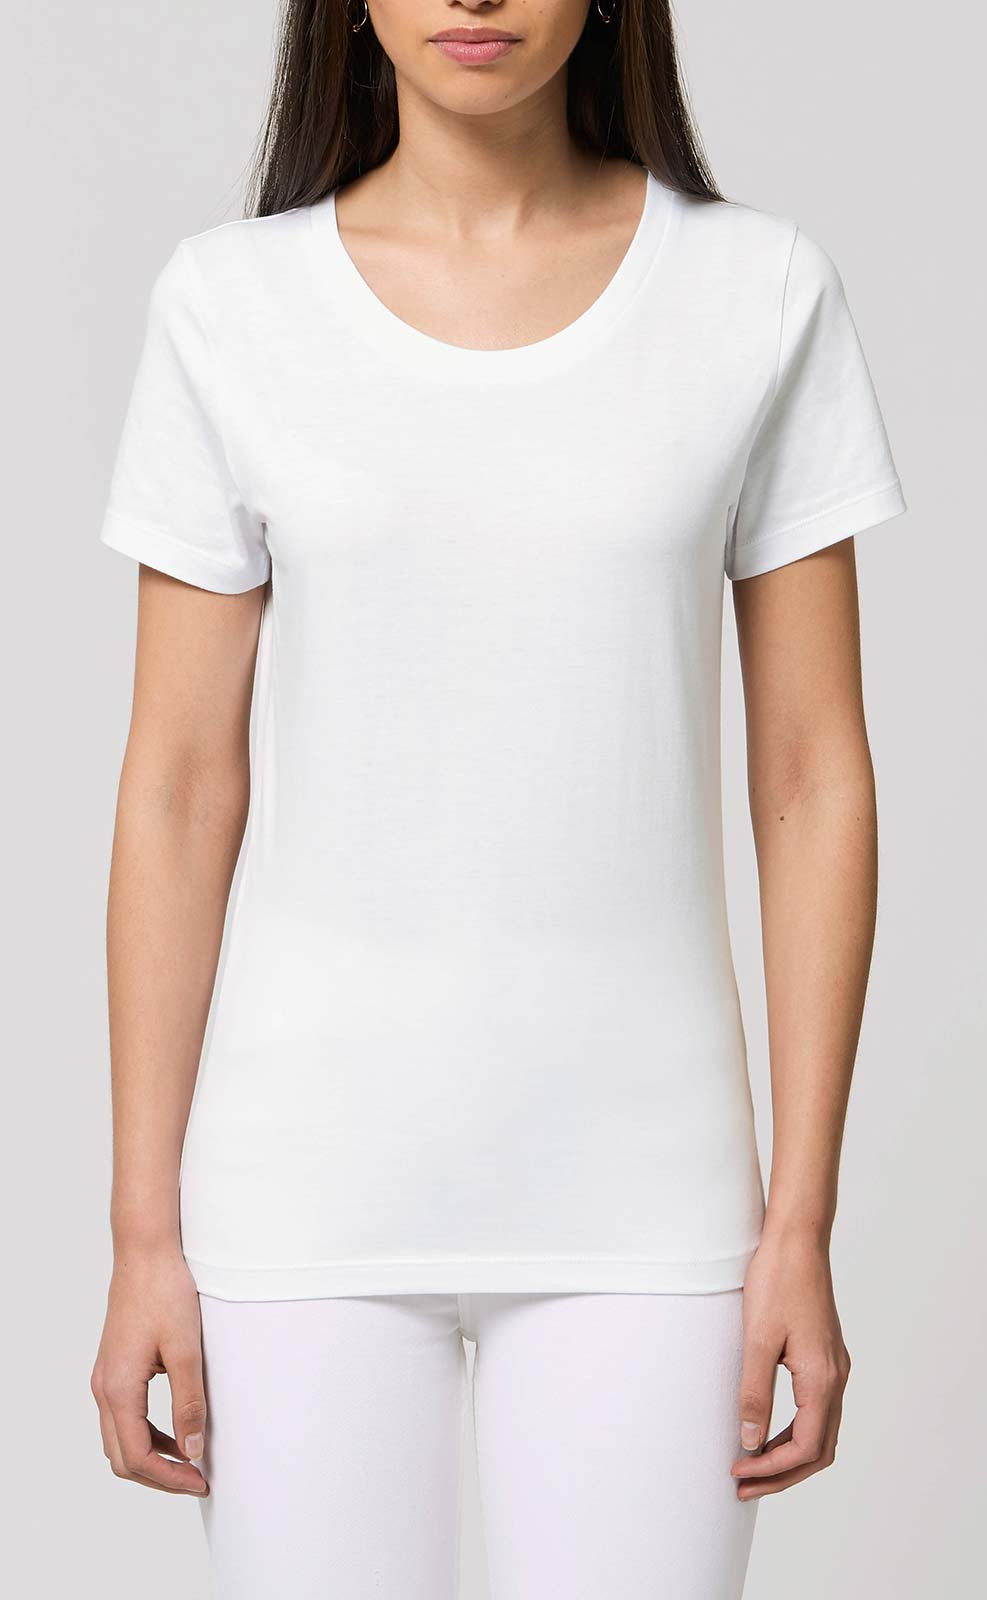 Basic Damen Tshirt In Weiß  100 Biobaumwolle